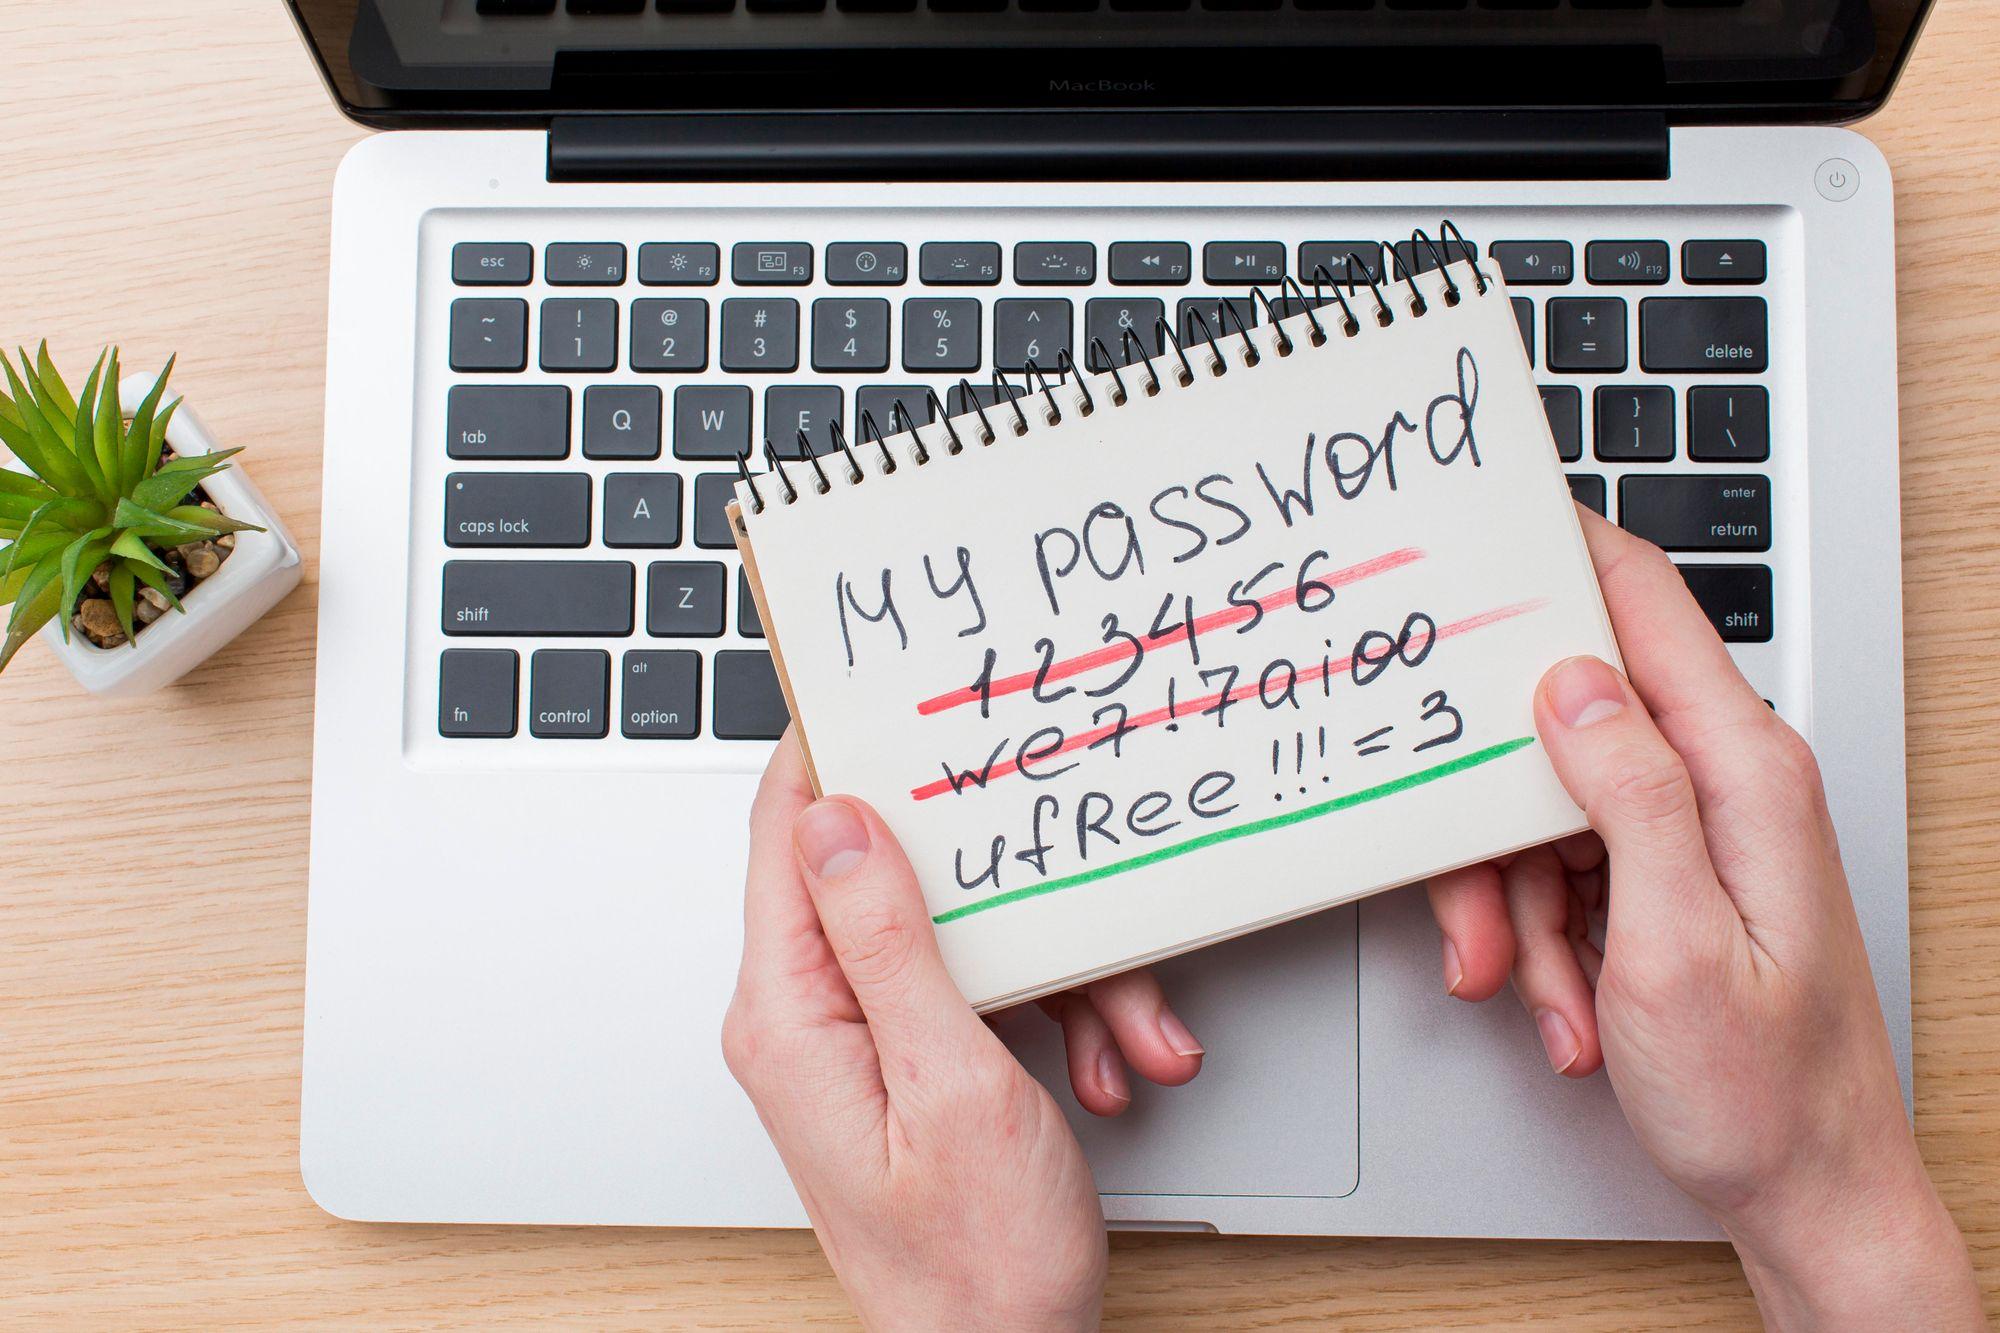 Avere una password sicura ti aiuta ad evitare i pericoli della rete